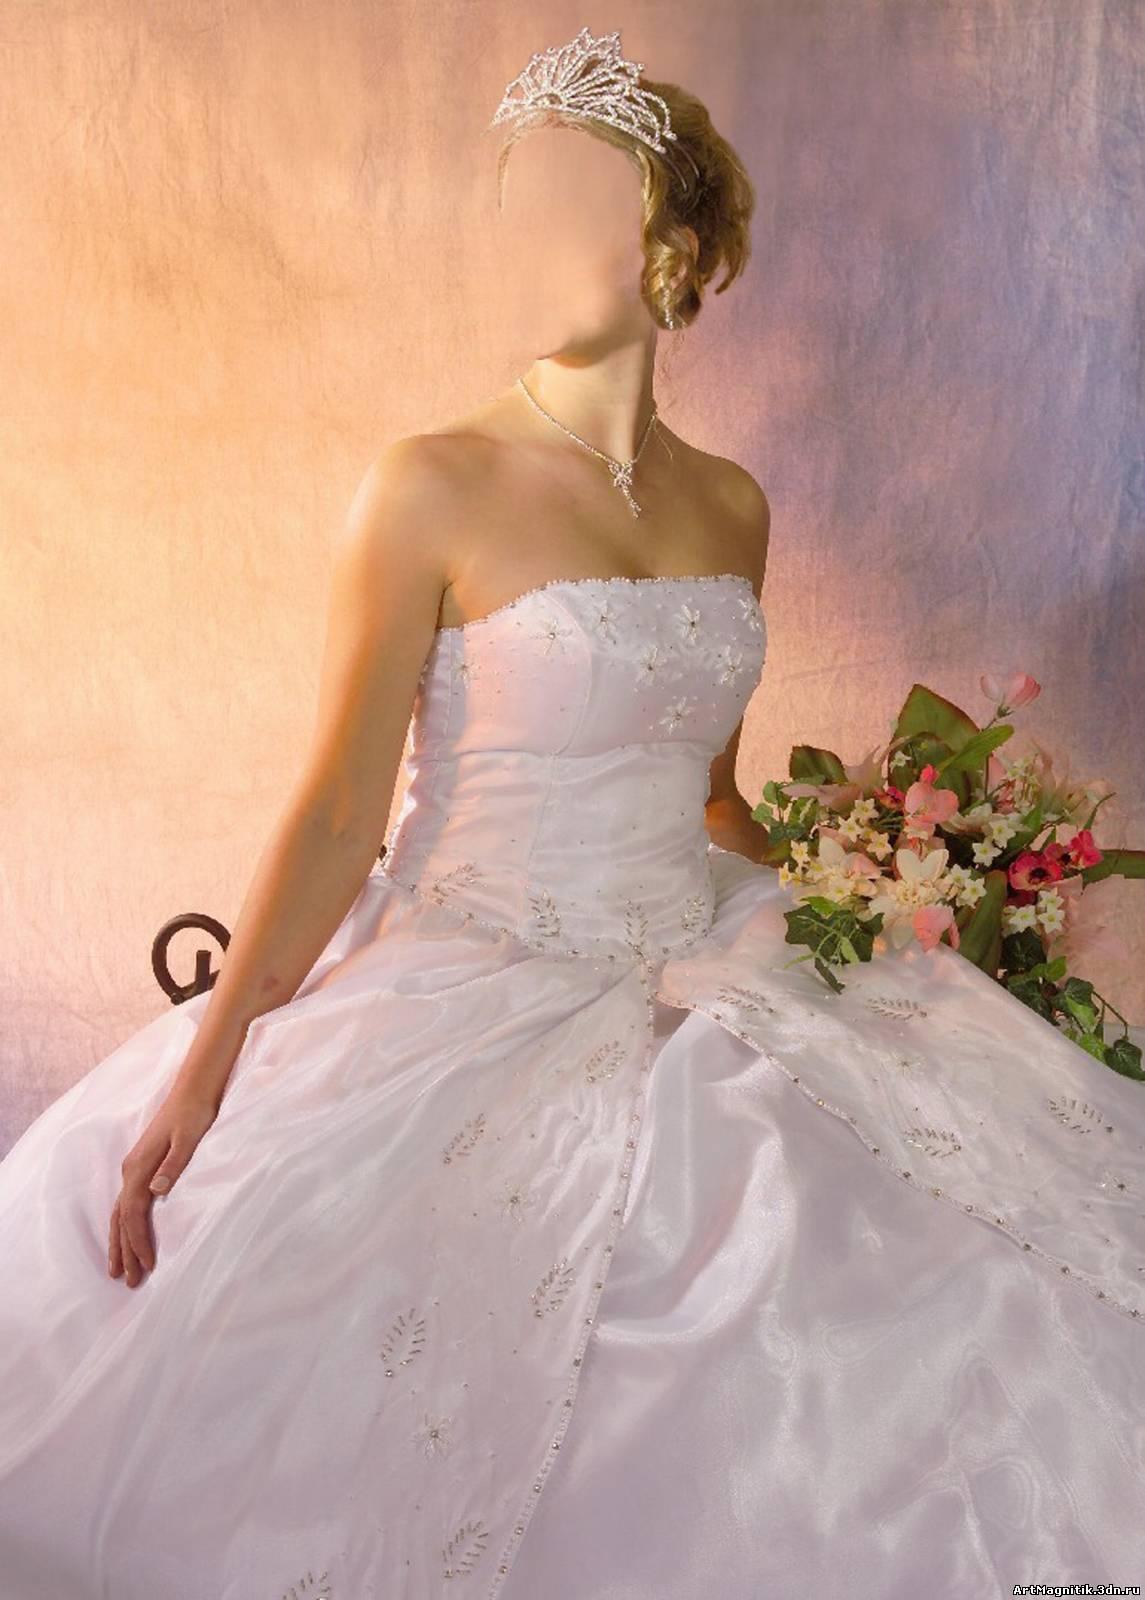 Вставить свое лицо к свадебному платью